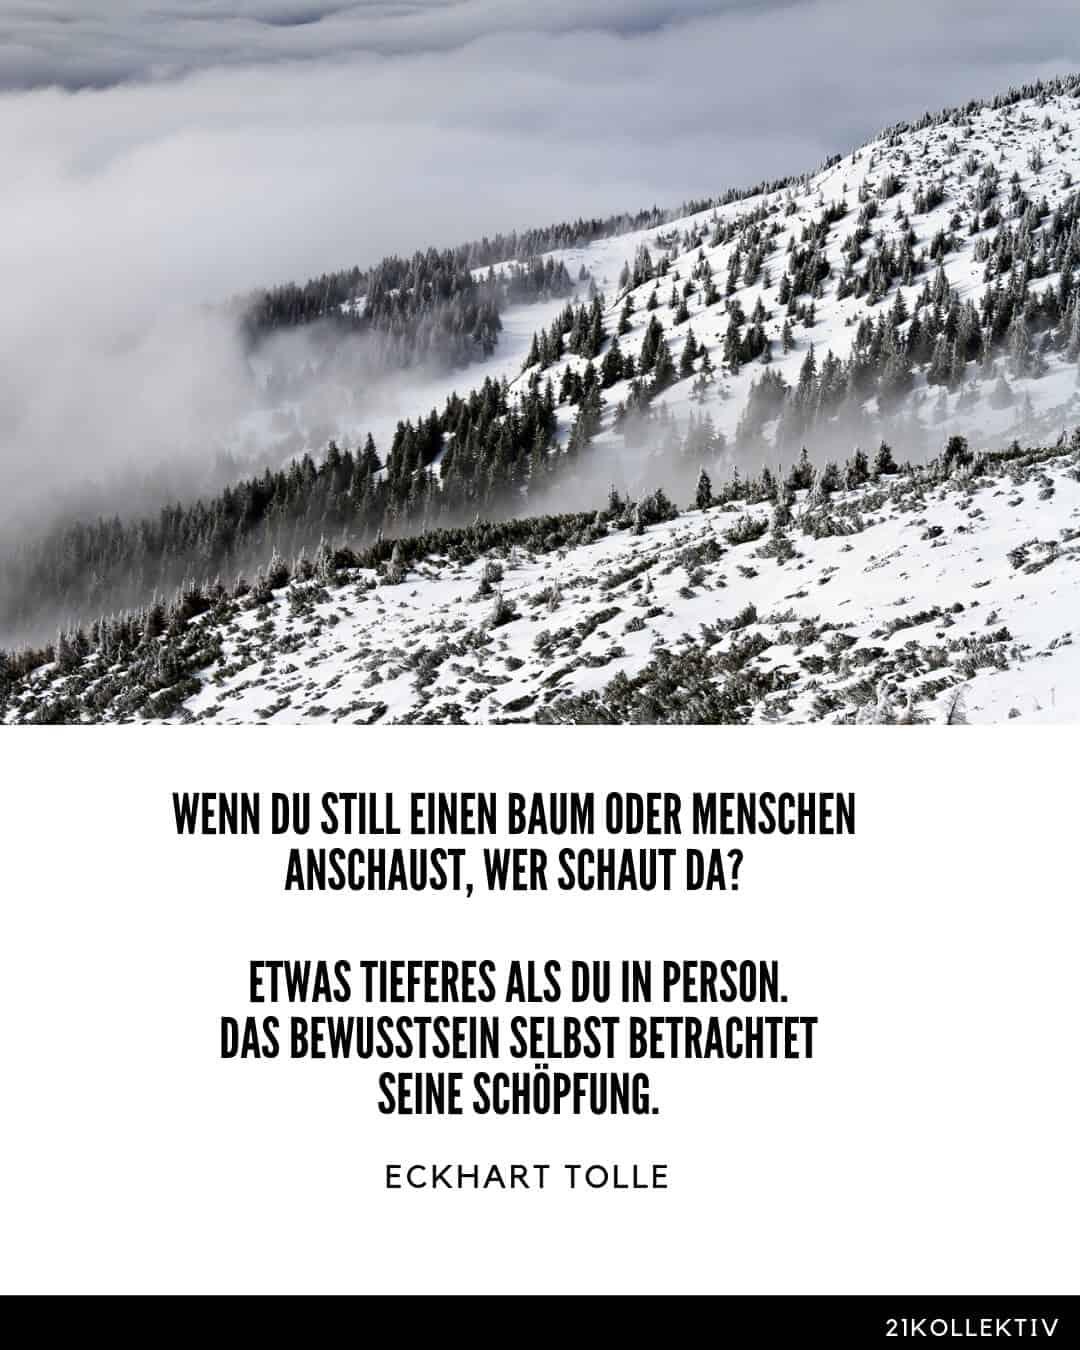 Wenn du still einen Baum oder Menschen anschaust, wer schaut da? Etwas Tieferes als du in Person. Das Bewusstsein selbst betrachtet seine Schöpfung. – Eckhart Tolle